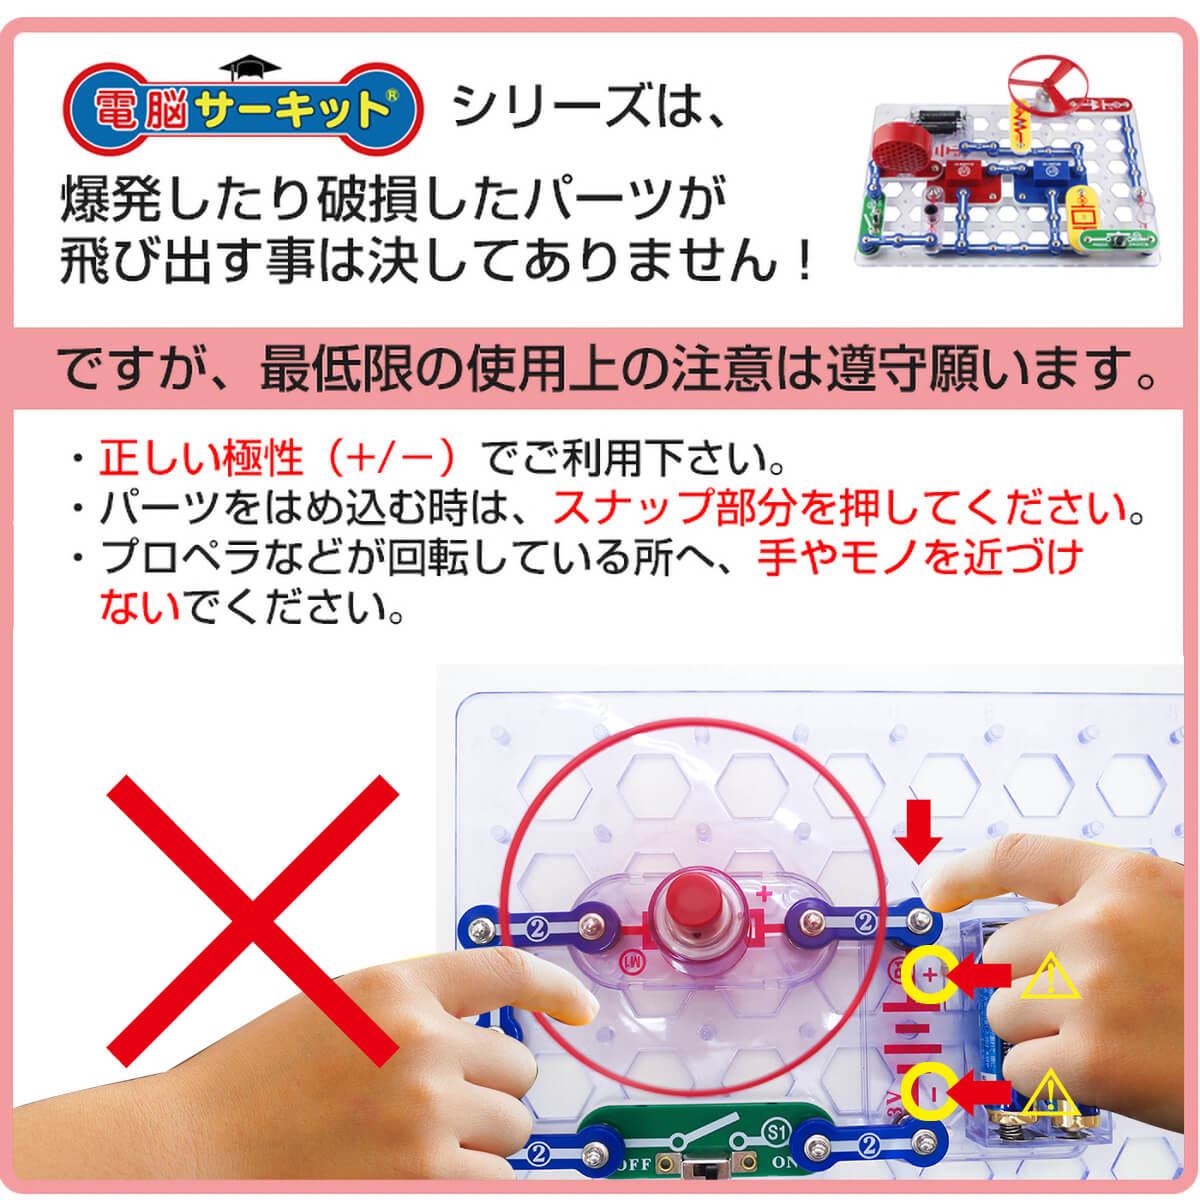 【正規品】 知育玩具 子供 おもちゃ 6歳 電脳サーキット 100 小学生 電子回路 電気回路 電子ブロック 電子玩具 おすすめ 科学 サイエンス 玩具 指先 実験セット ダッシュ dash 英脳フォニックス